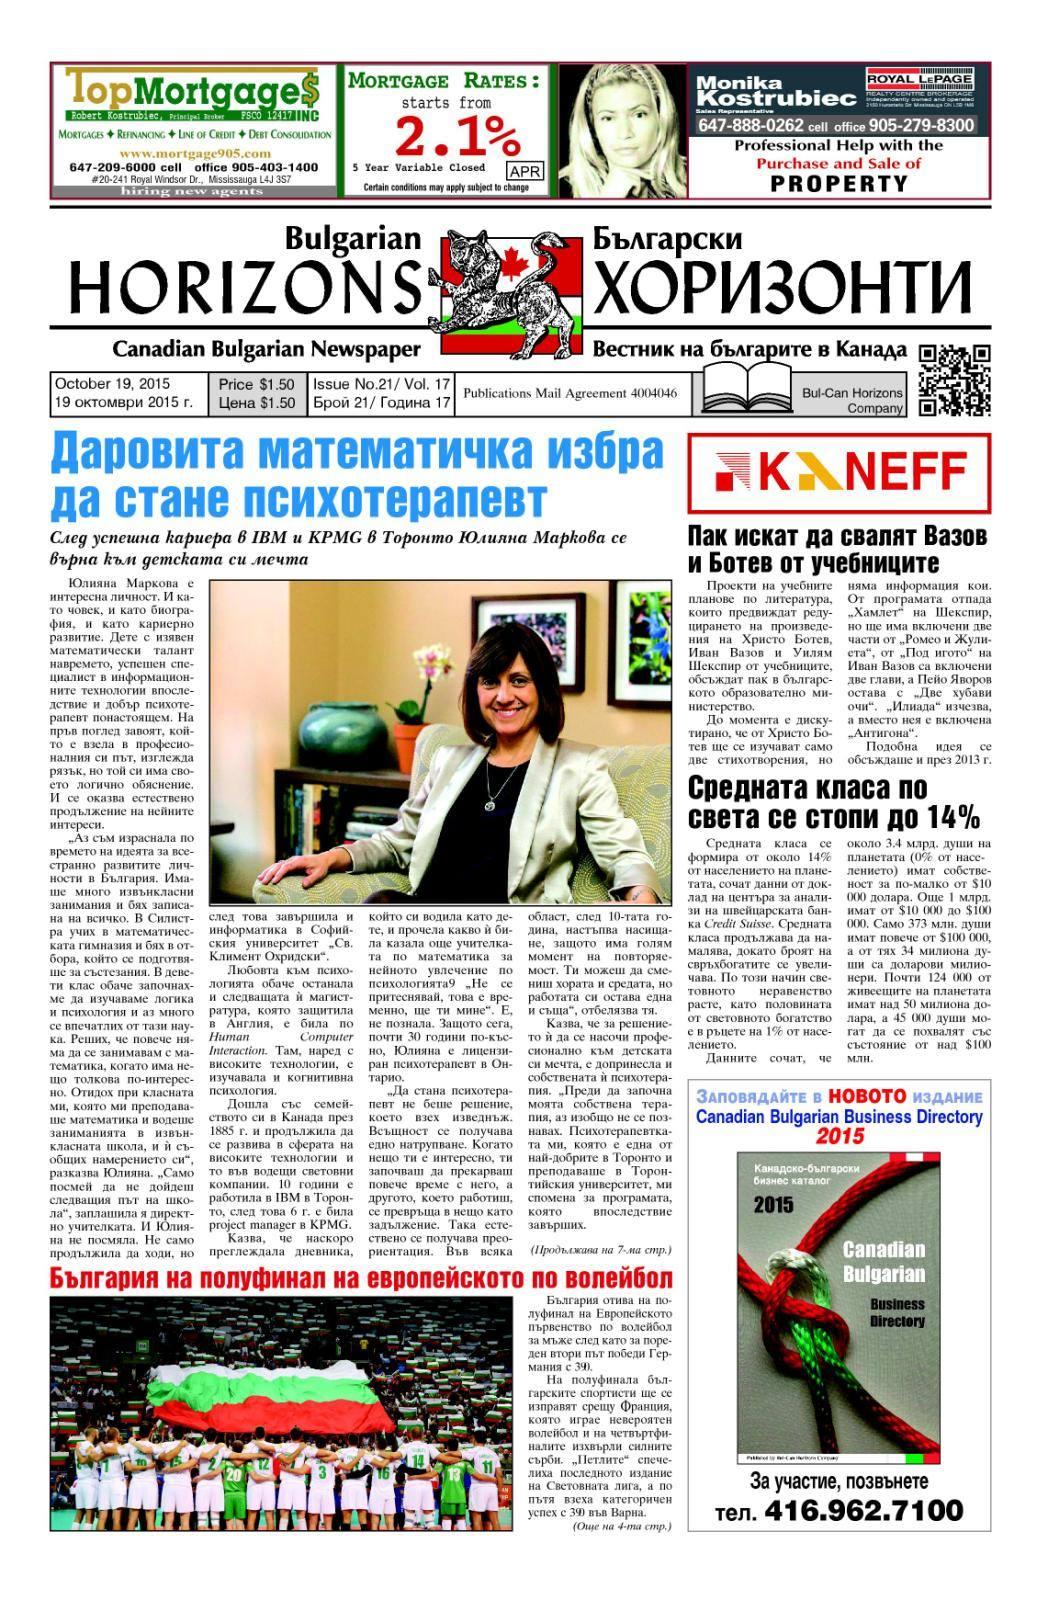 Uliyana Markova in Canada Bulgarian Horizons